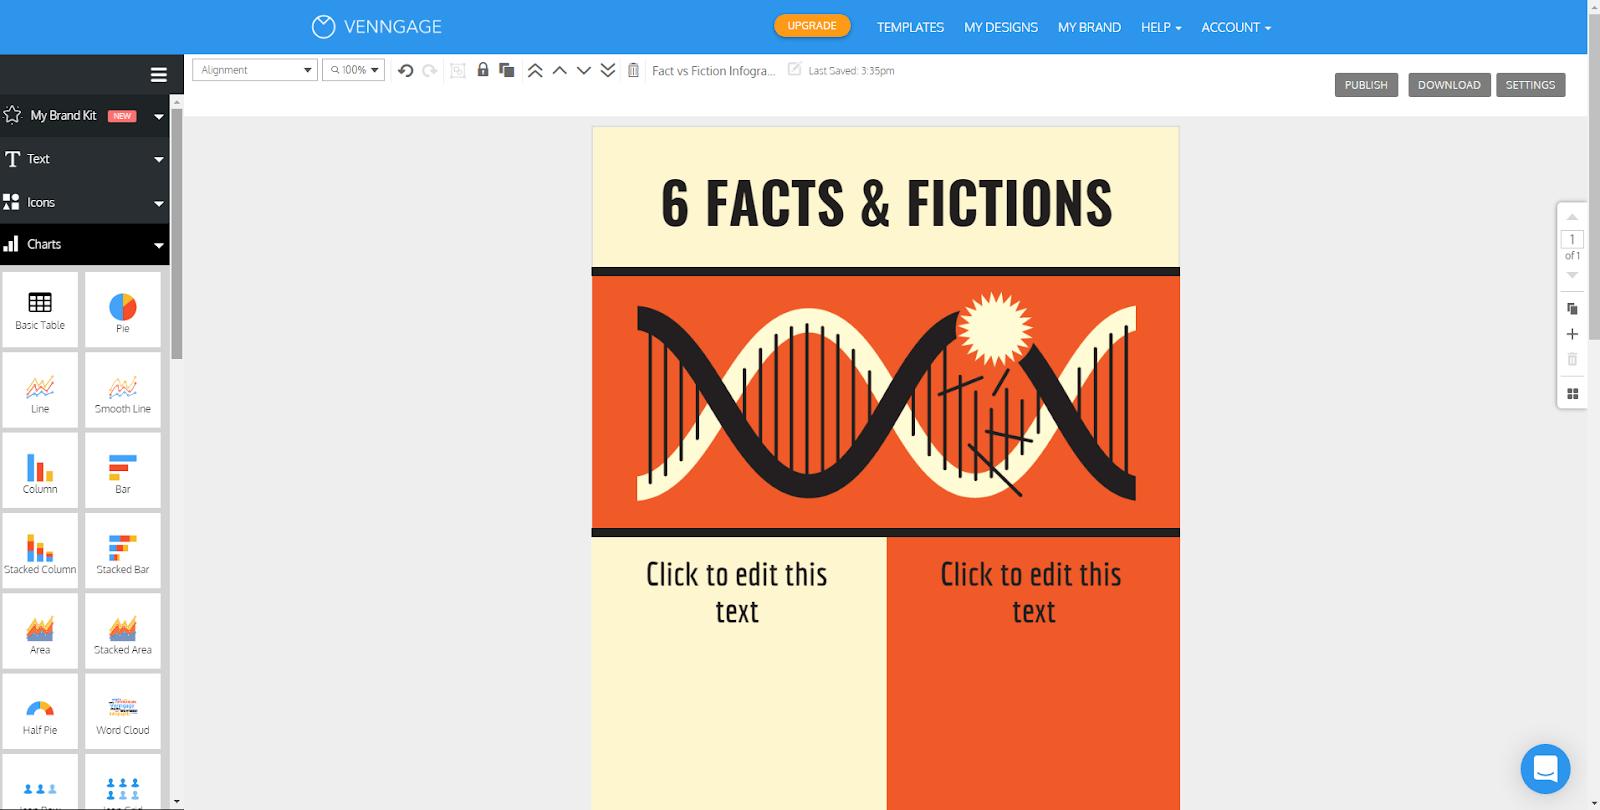 """Создатель инфографики на сером фоне с коричнево-оранжевой инфографикой в процессе работы """"width ="""" 1600 """"height ="""" 810 """"/>    <figcaption> Via Venngage </figcaption></figure> <figure data-id="""